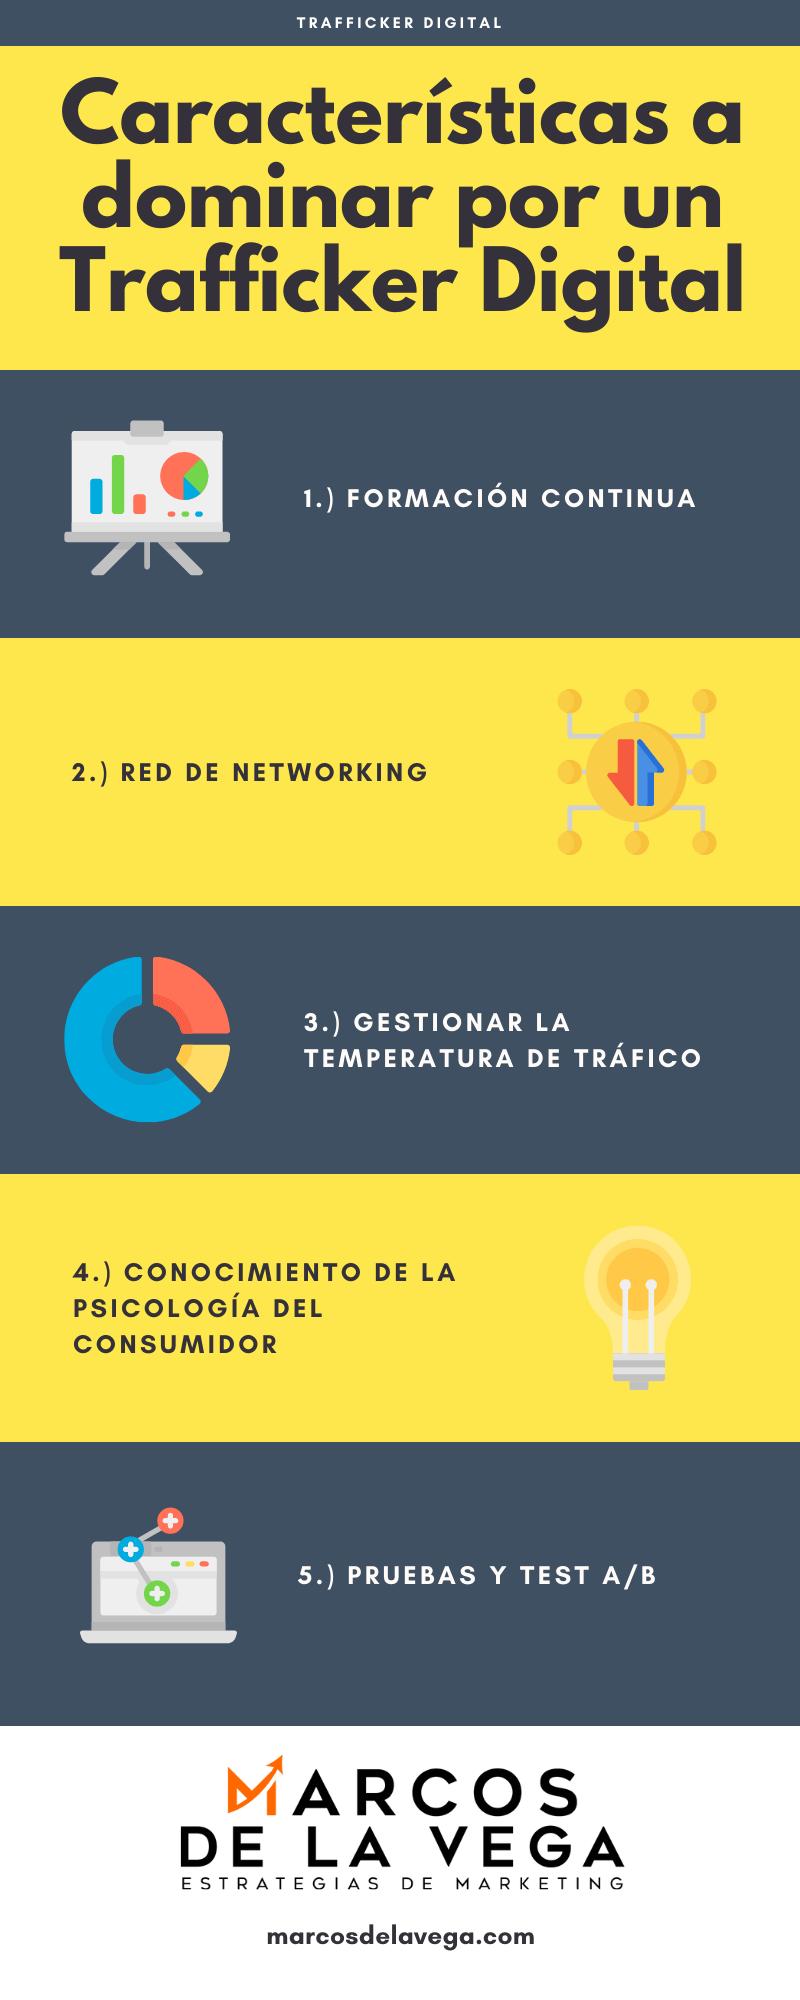 Infografia-Características-a-dominar-por-un-Trafficker-Digital